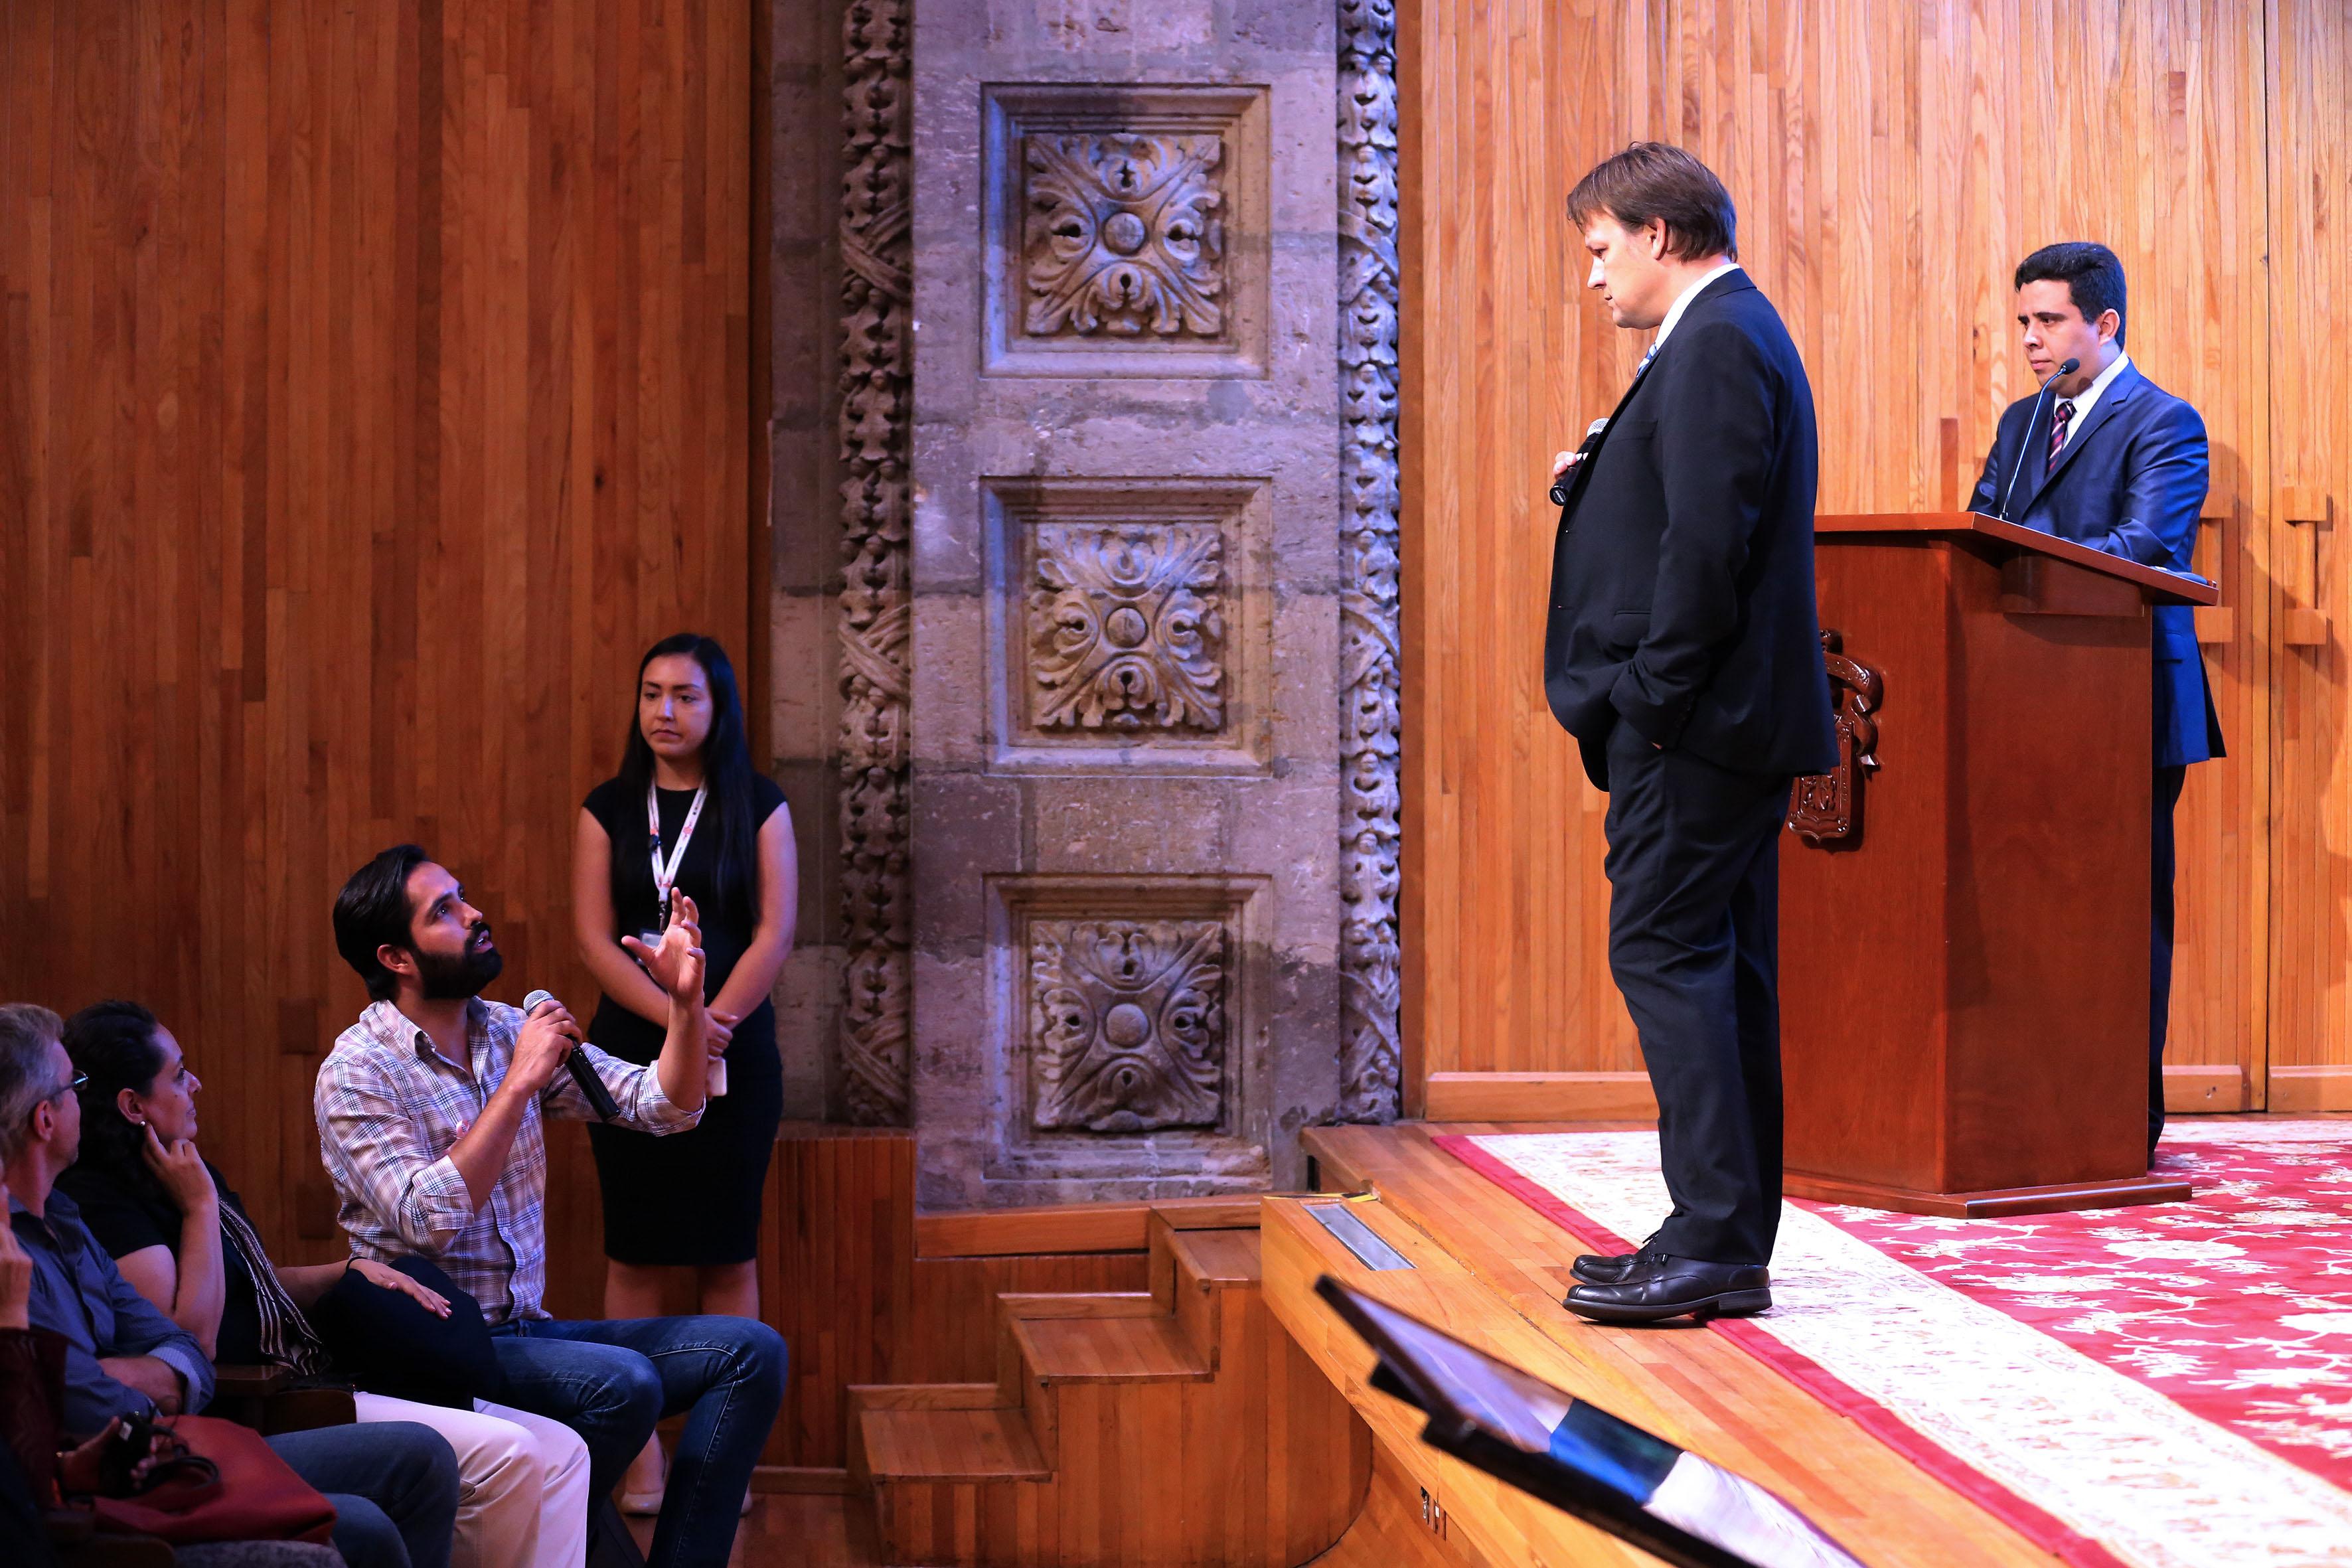 Publico asistente haciendo preguntas al Doctor Marka Szabolcs, académico de la Universidad de Columbia, en Nueva York,